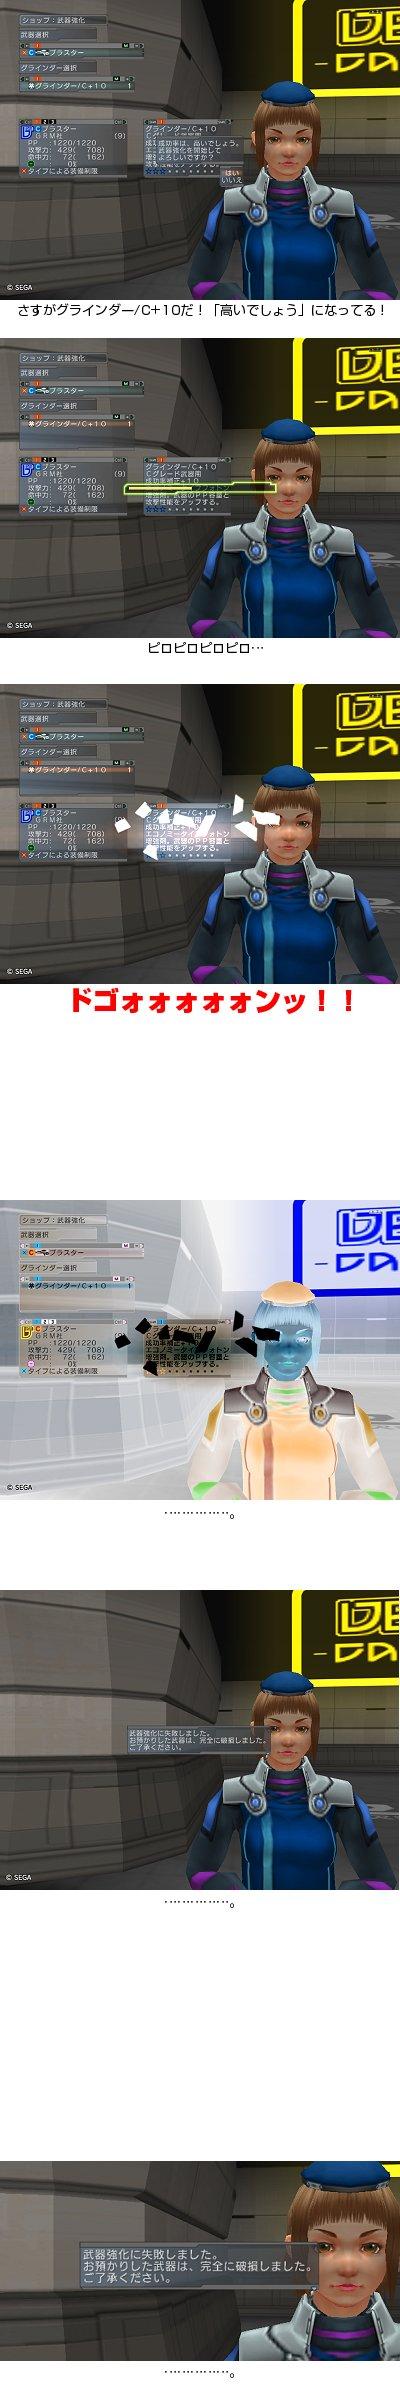 ブラスター 9→10 の悲劇